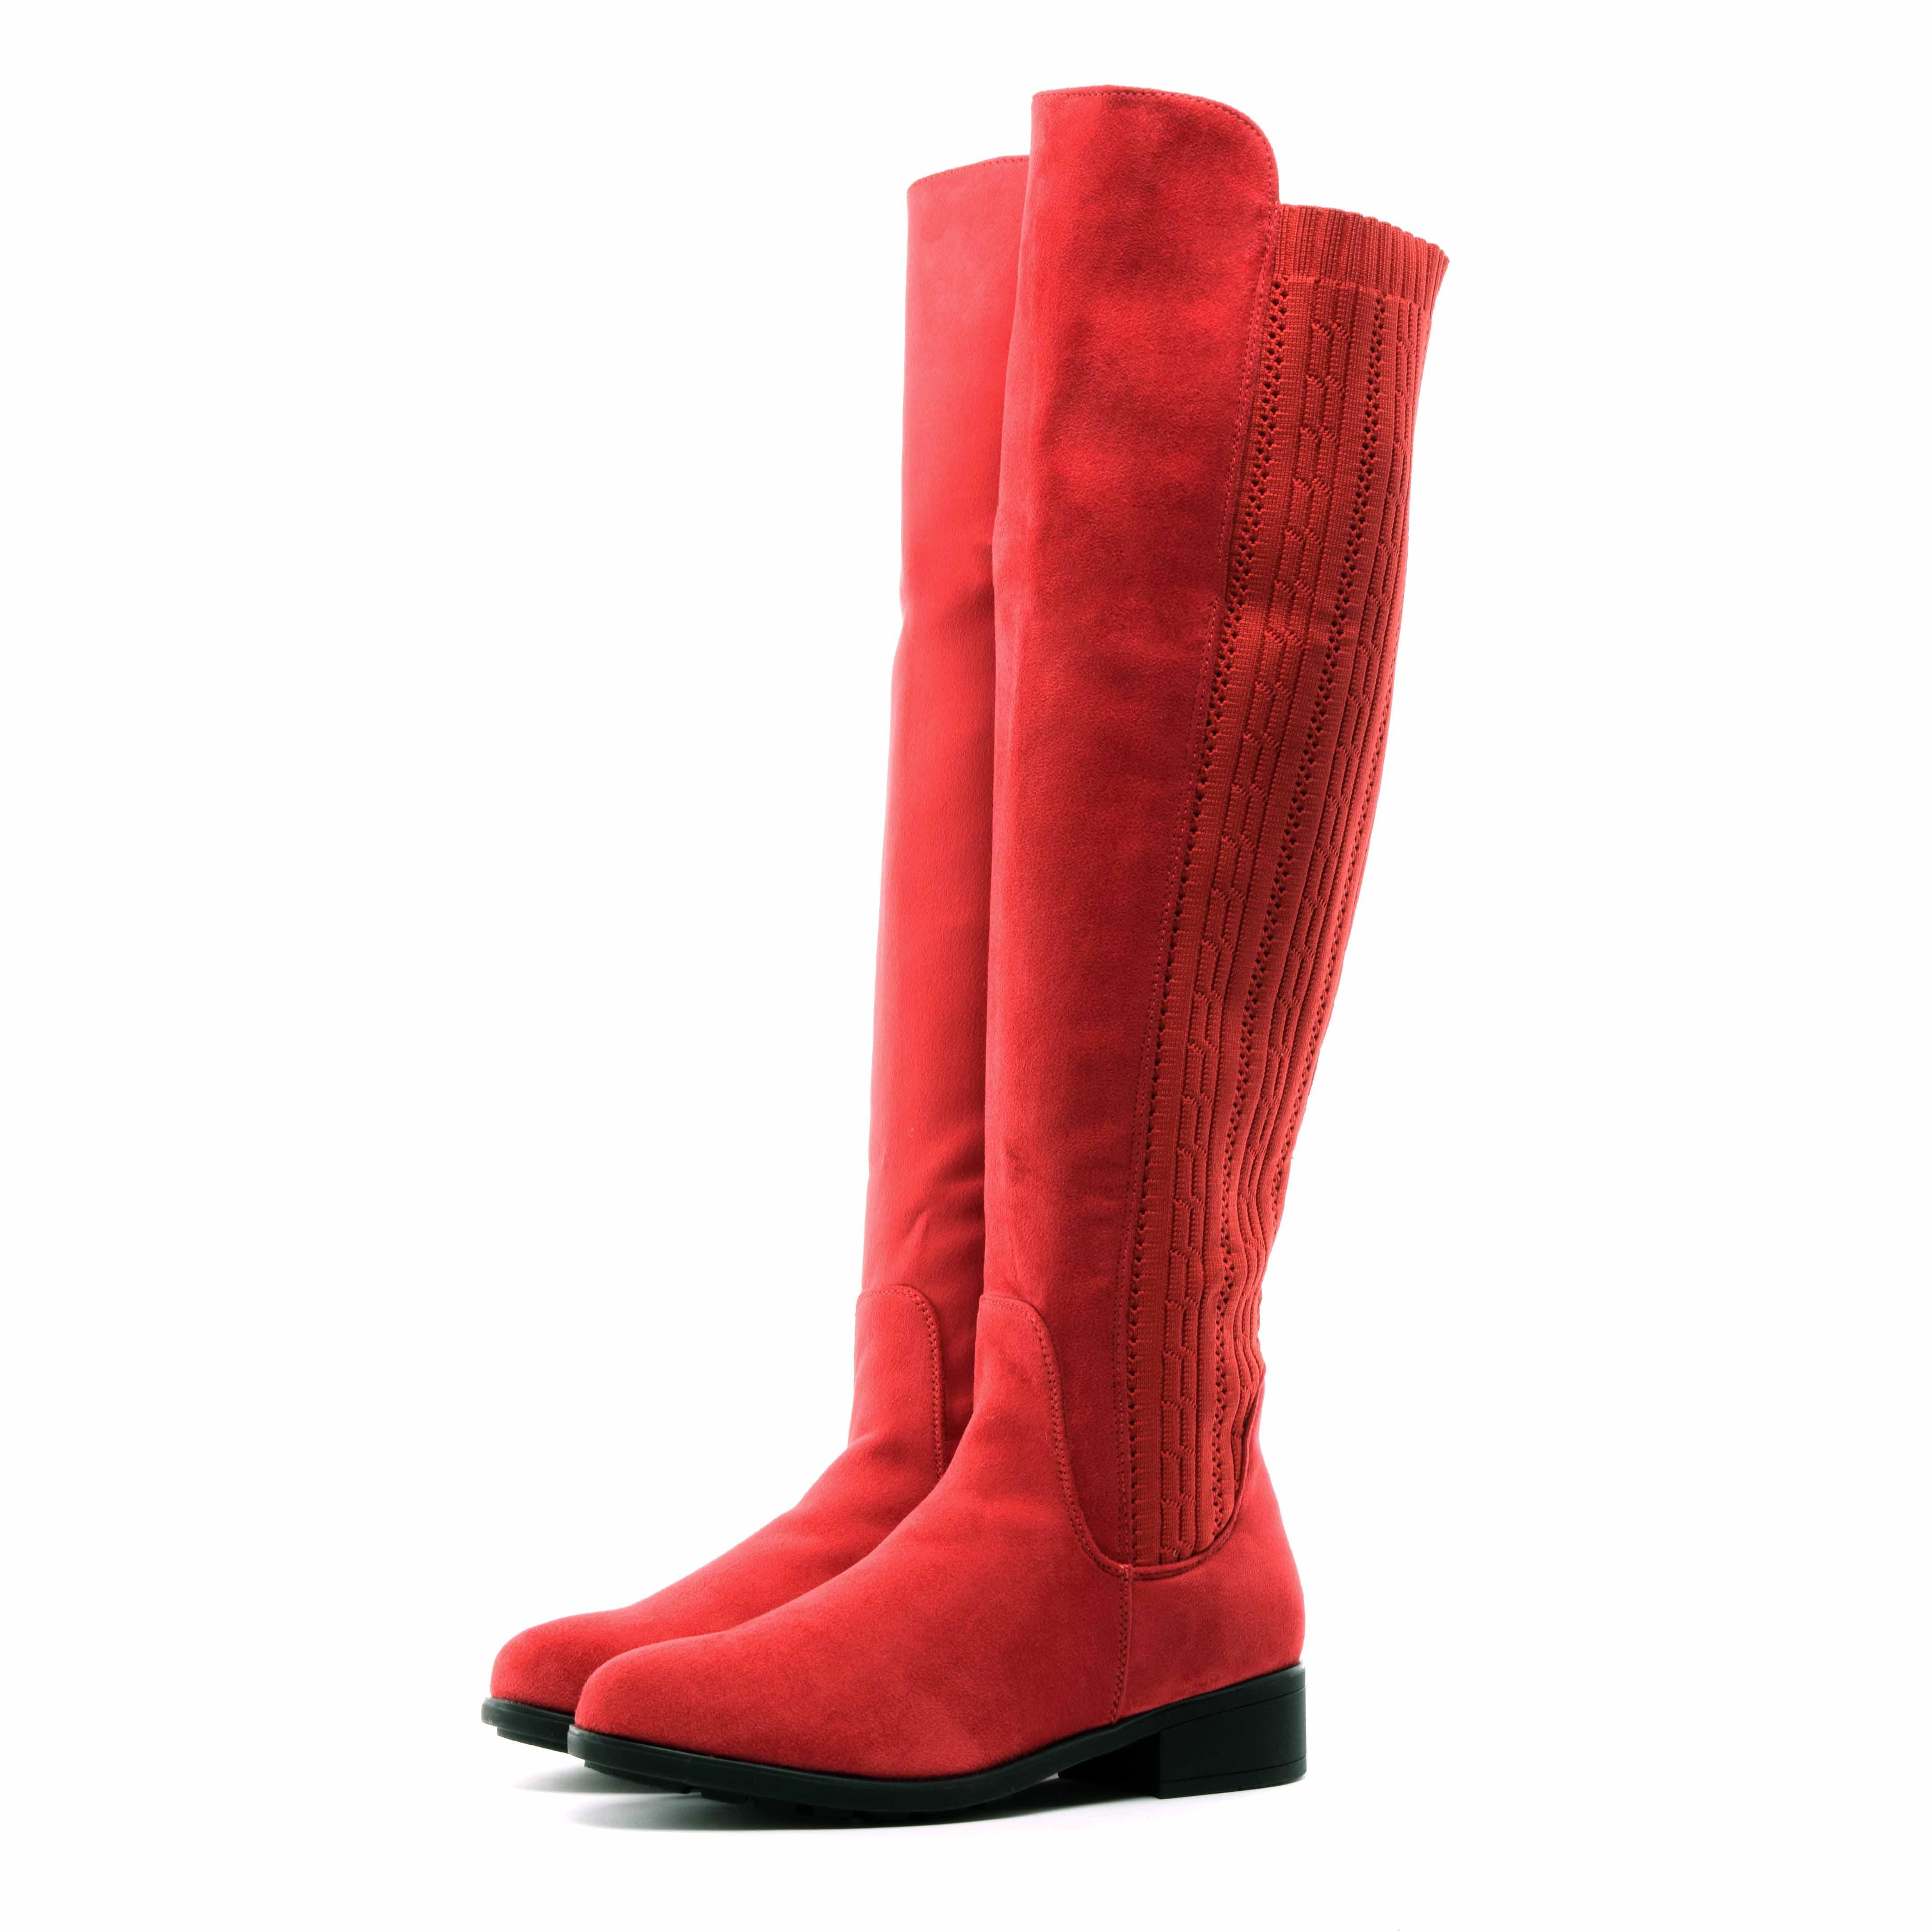 Női Piros Művelúr Hosszúszárú Csizma - MAGASSZÁRÚ CSIZMÁK - Női cipő  webáruház-női csizmák 58e1676983